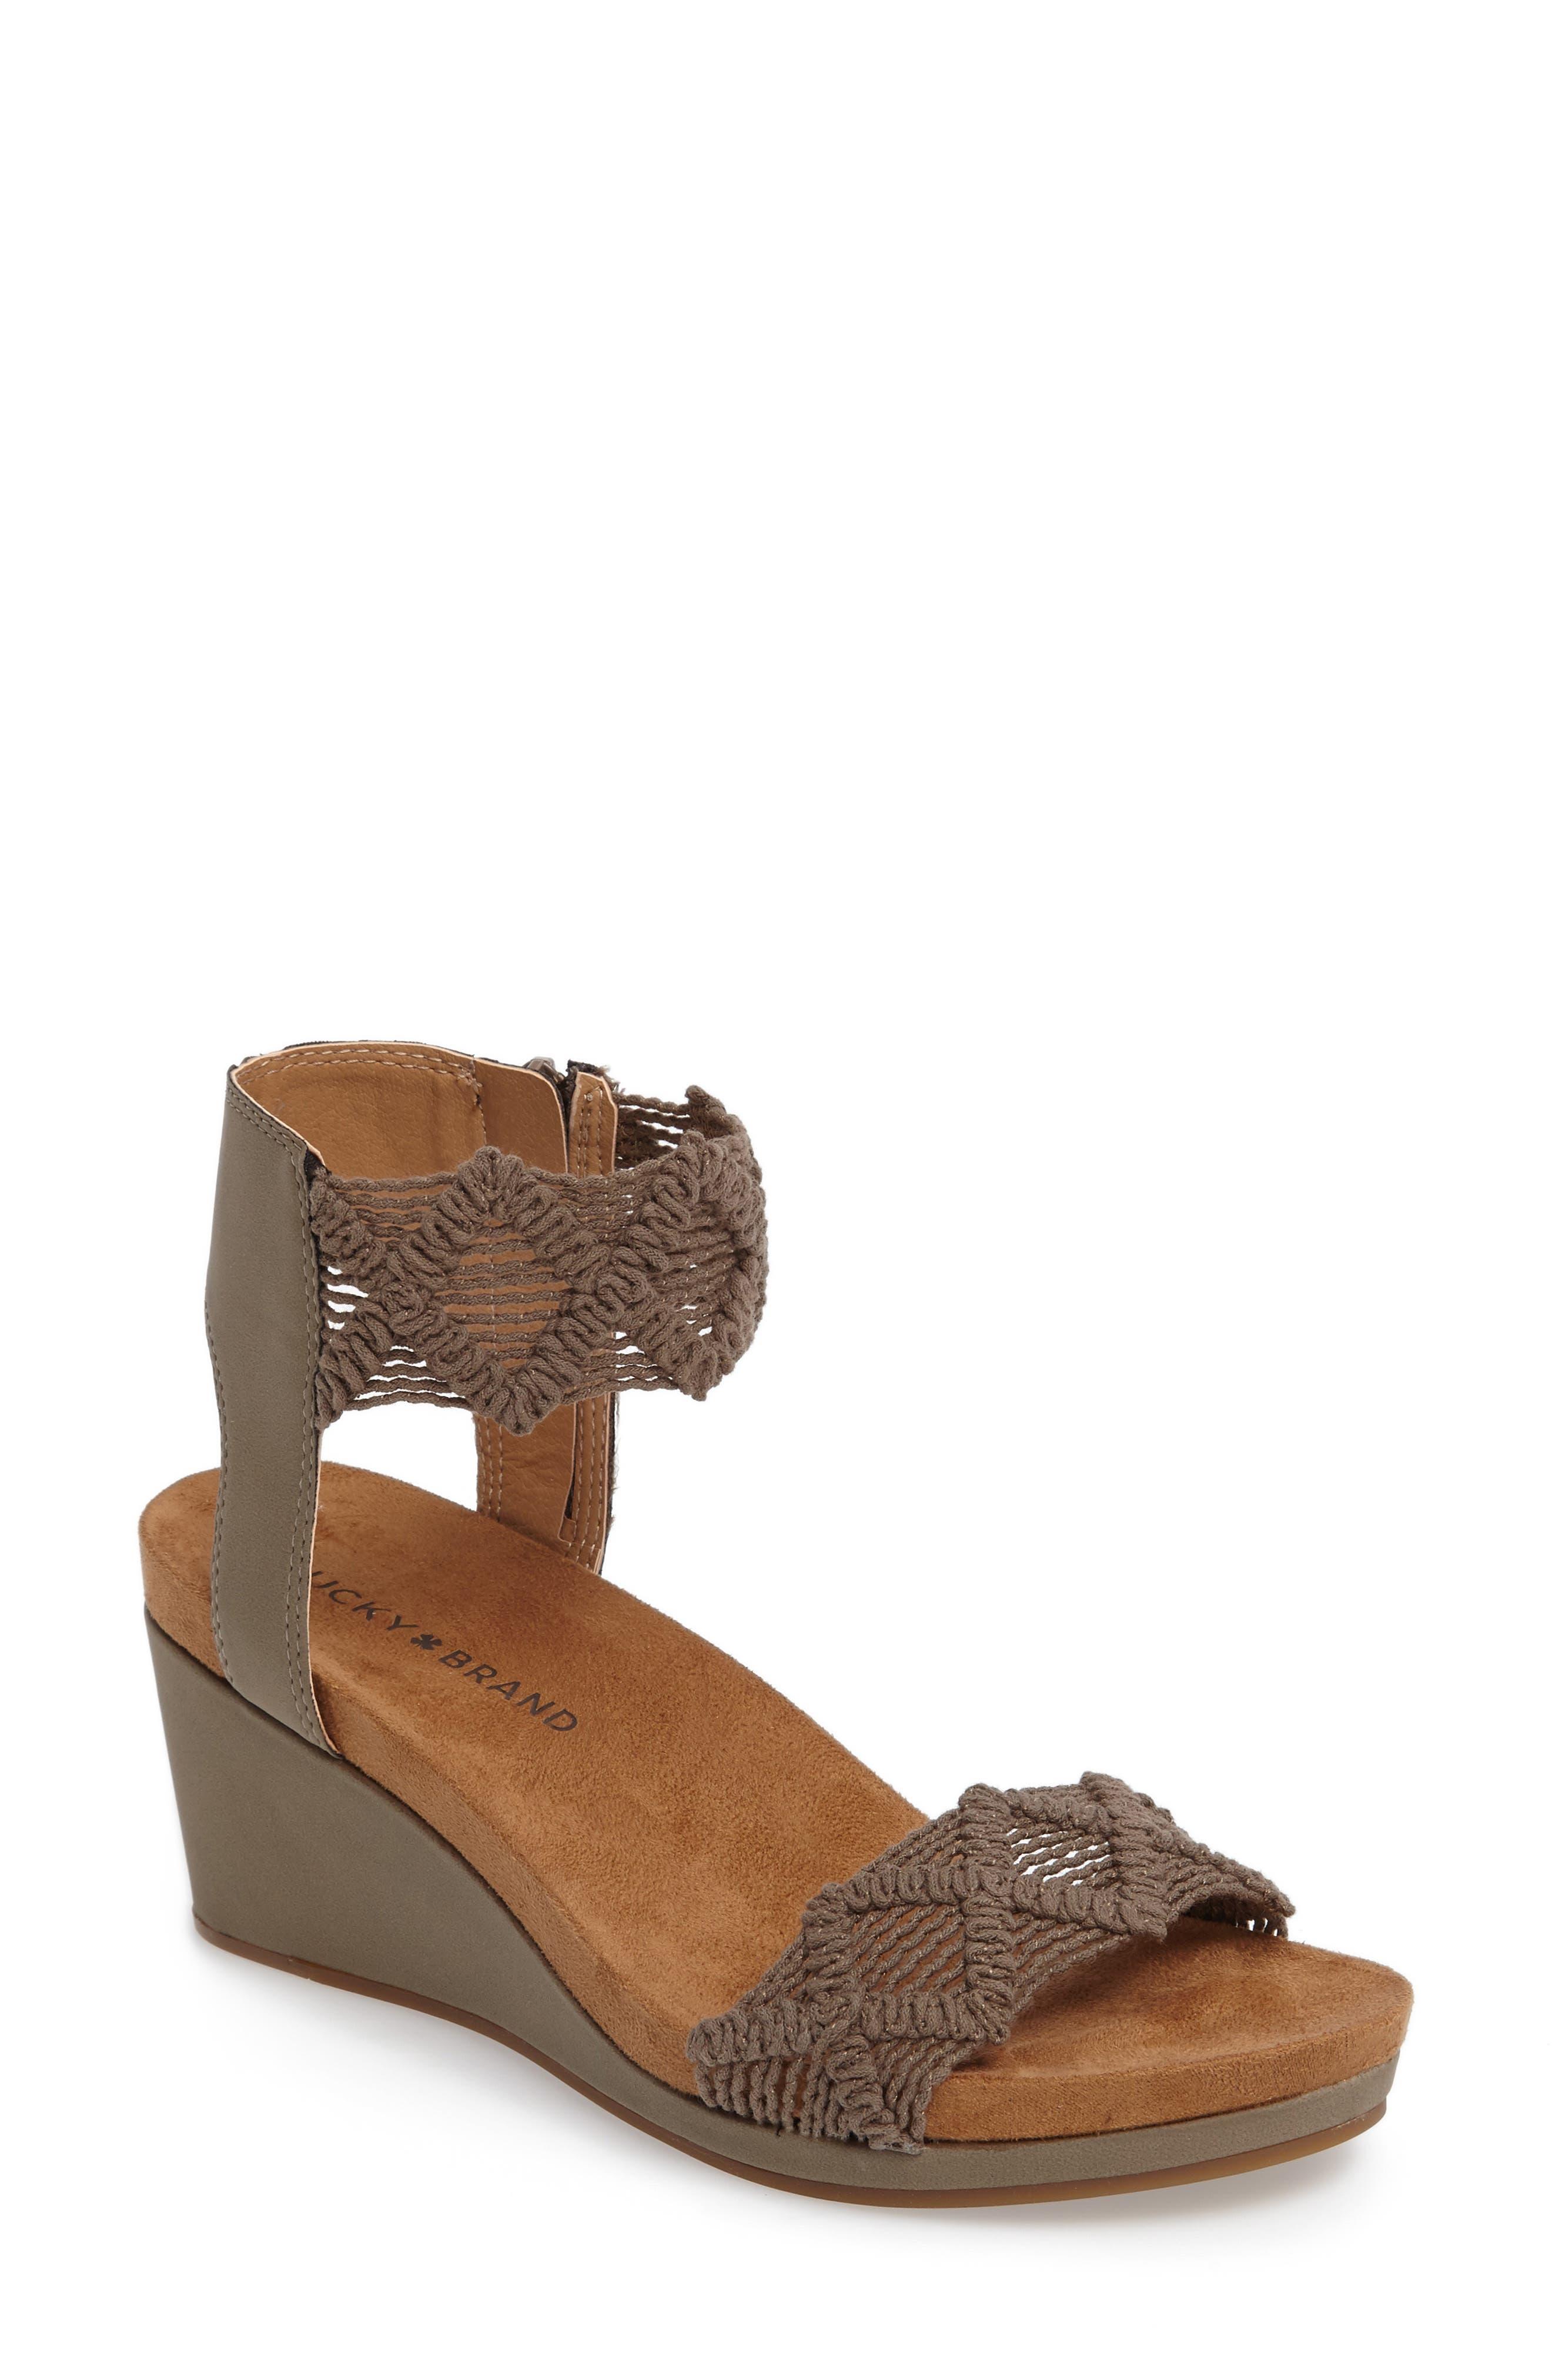 Alternate Image 1 Selected - Lucky Brand Kierlo Wedge Sandal (Women)